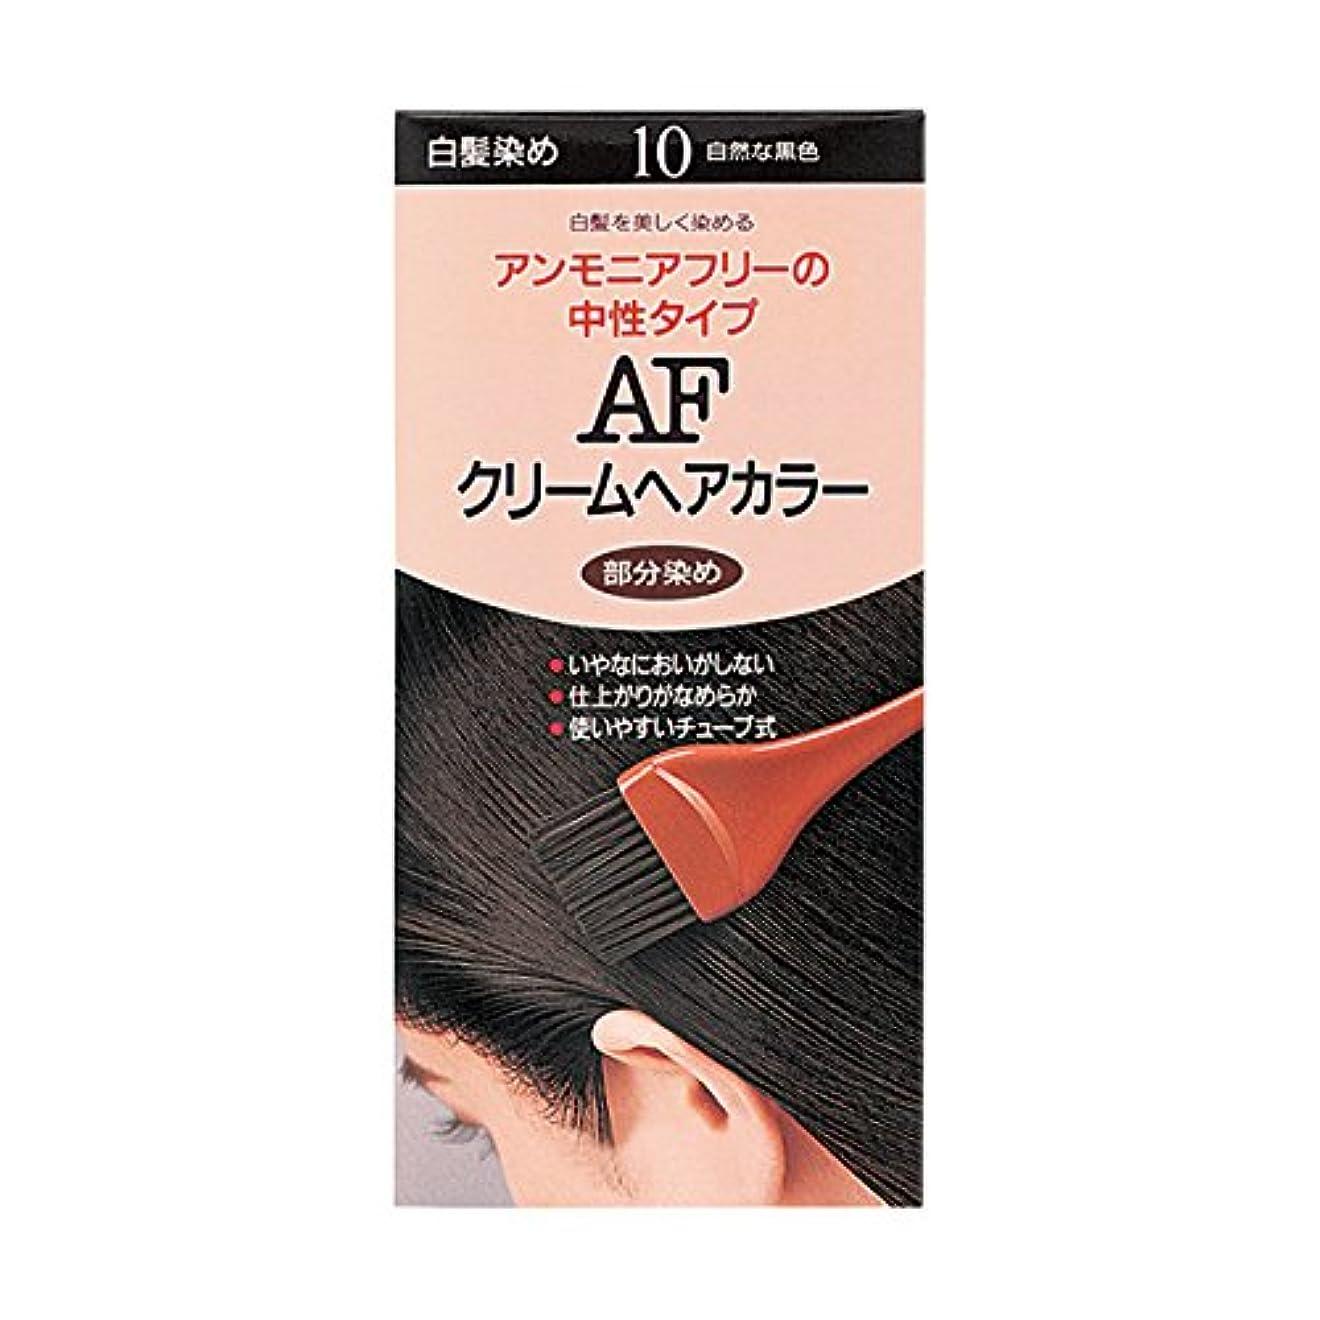 閃光タオル不条理ヘアカラー AFクリームヘアカラー 10 【医薬部外品】